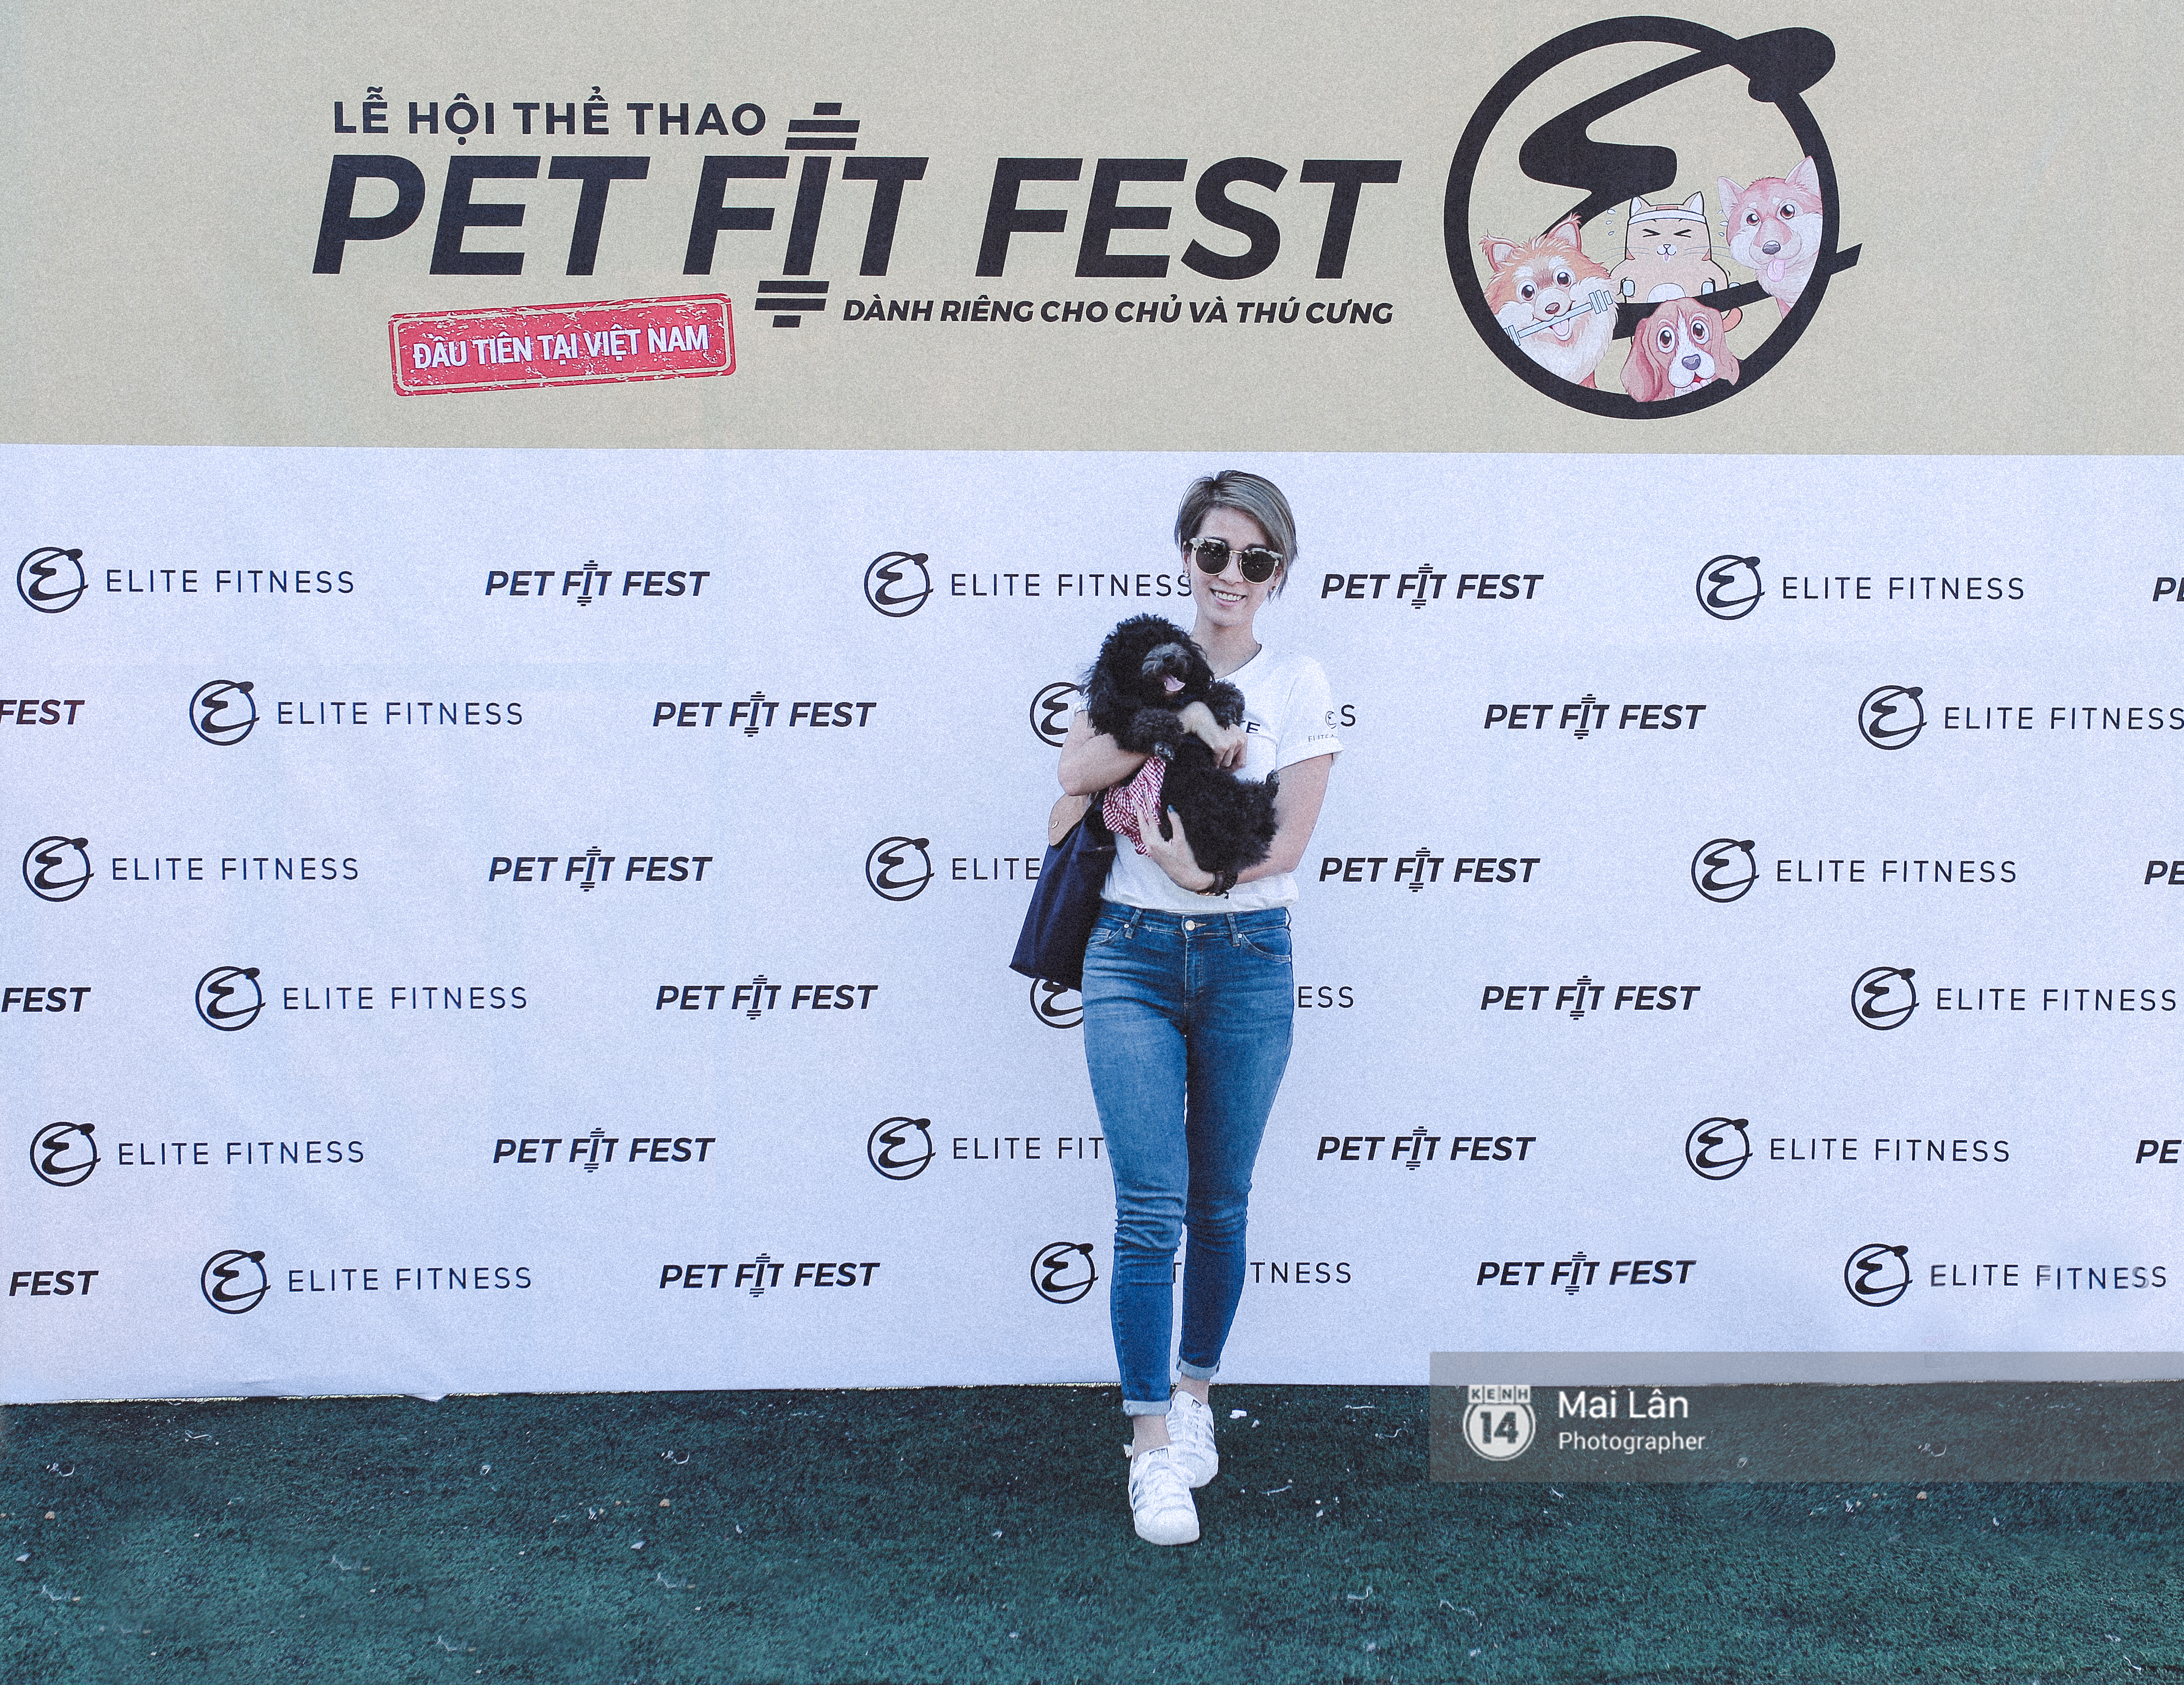 Lễ hội thể thao dành cho chủ và thú cưng độc đáo, đáng yêu nhất Hà Nội! - Ảnh 10.